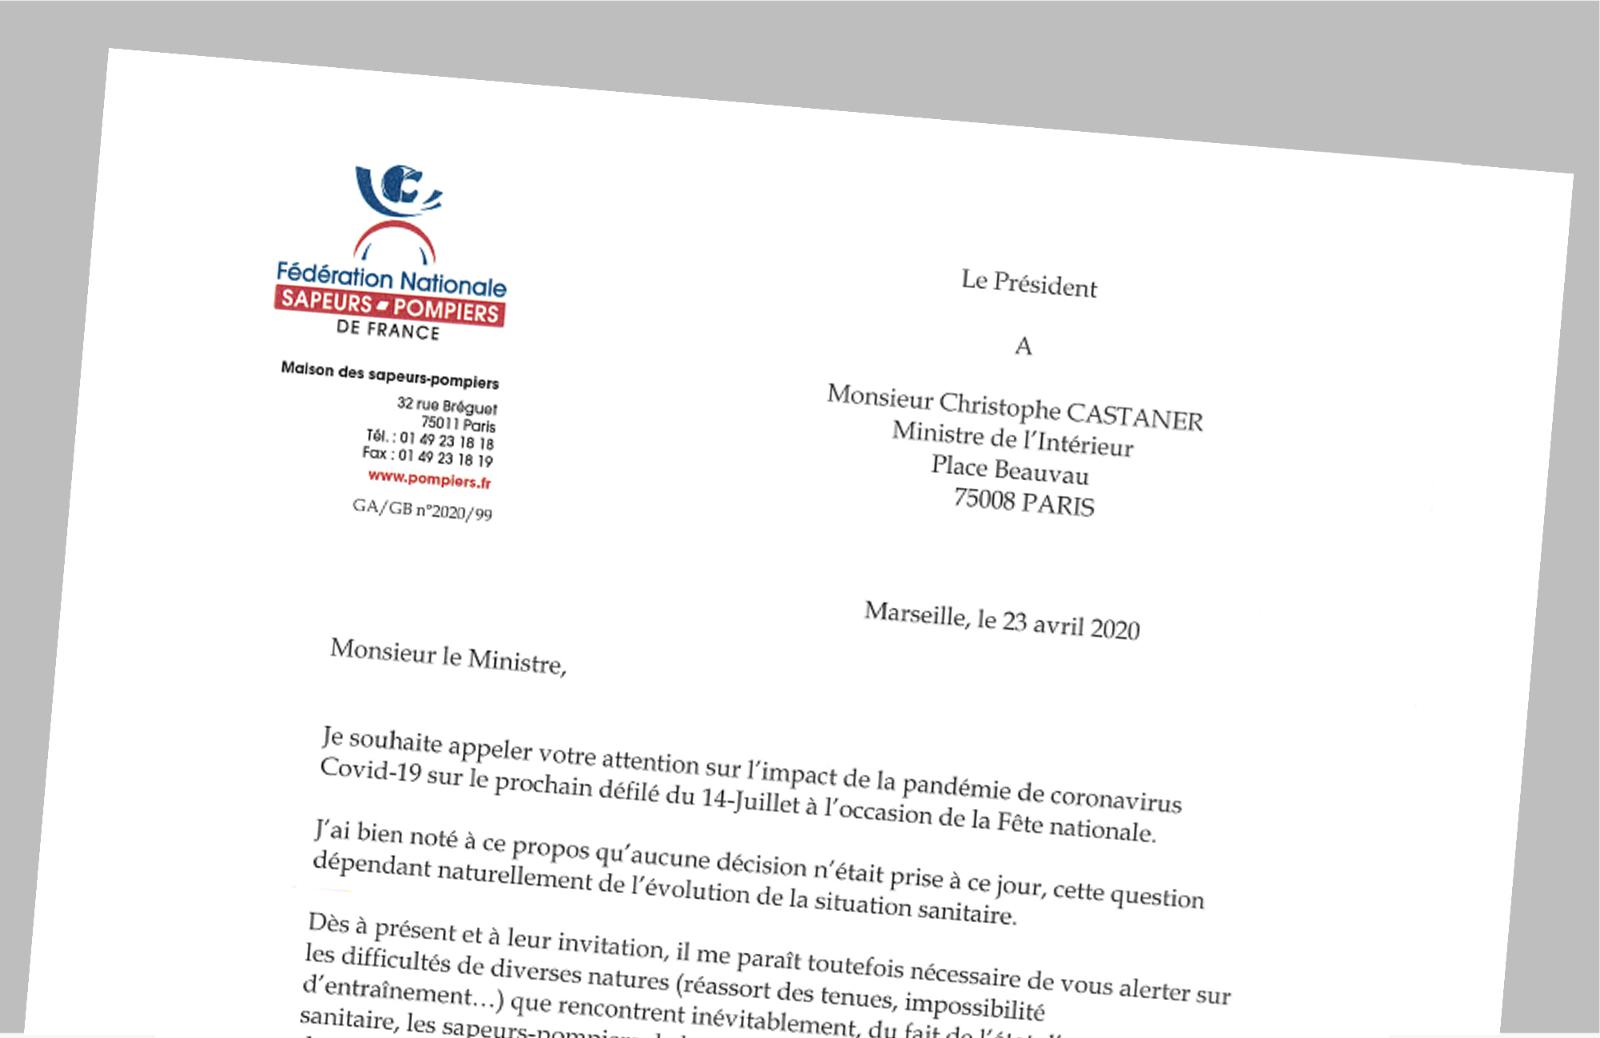 Pompiers de France-FNSPF-Courrier-Covid-19-Défile14juillet